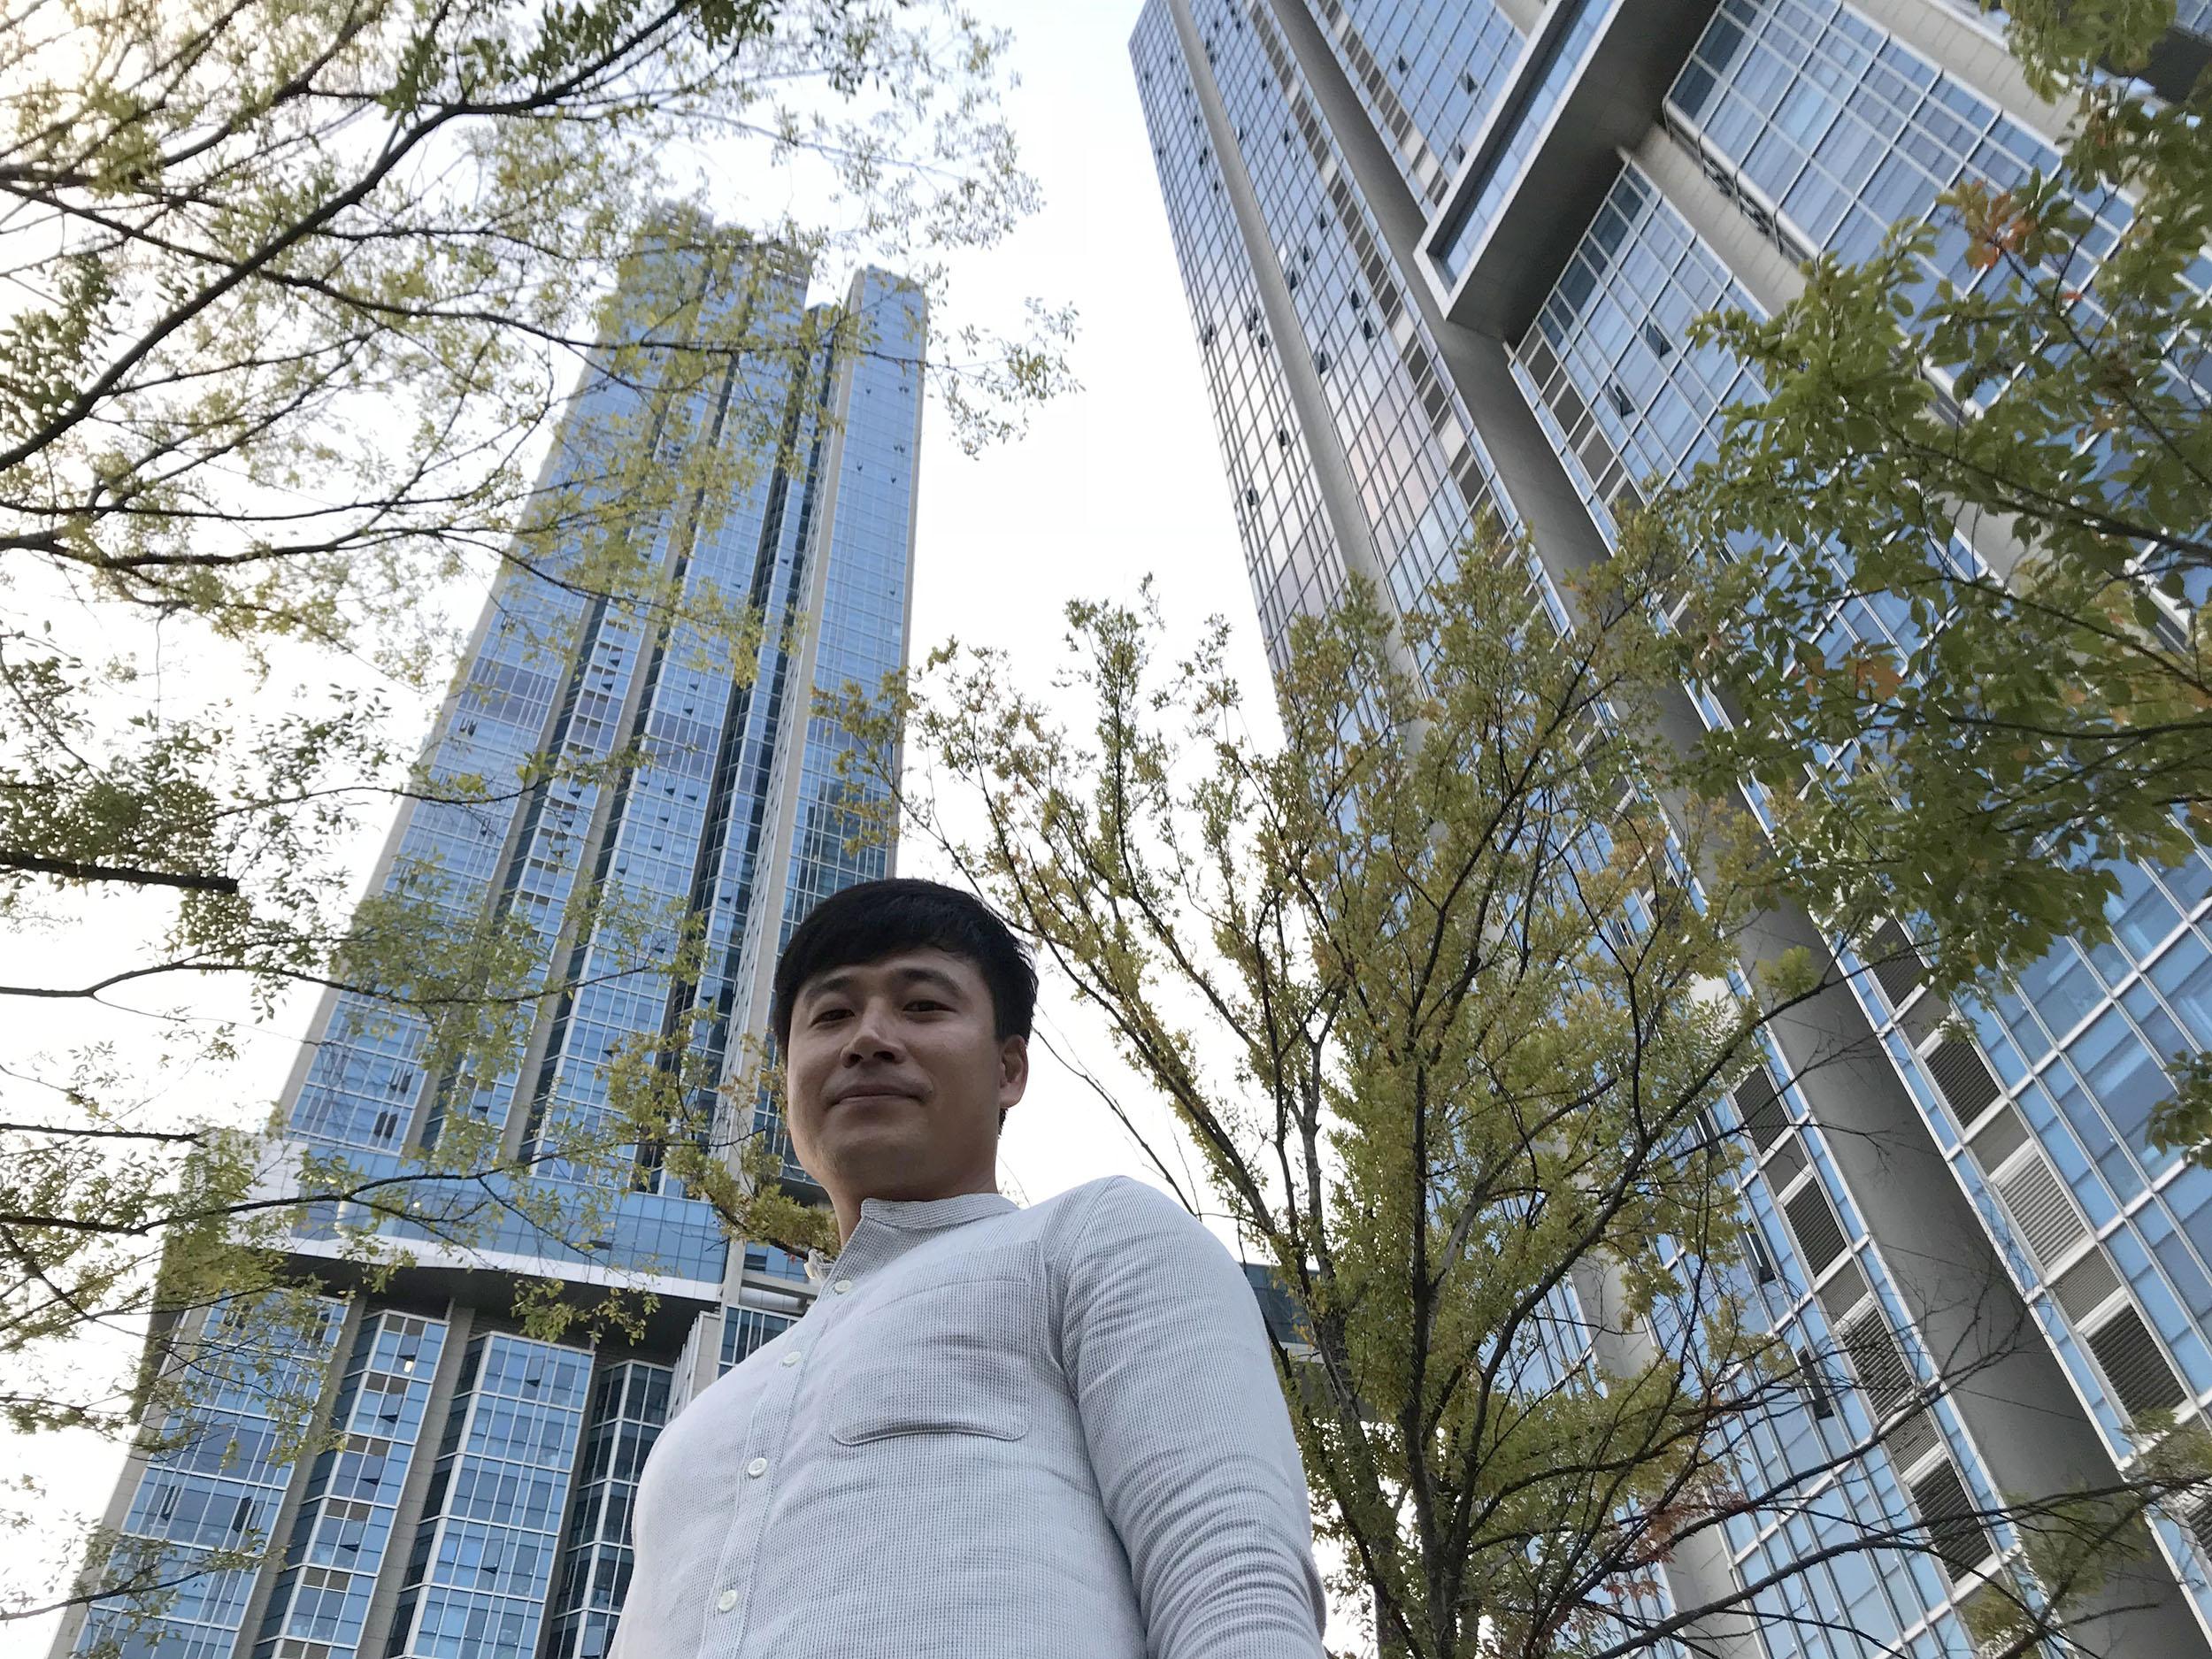 Image: North Korean Defector